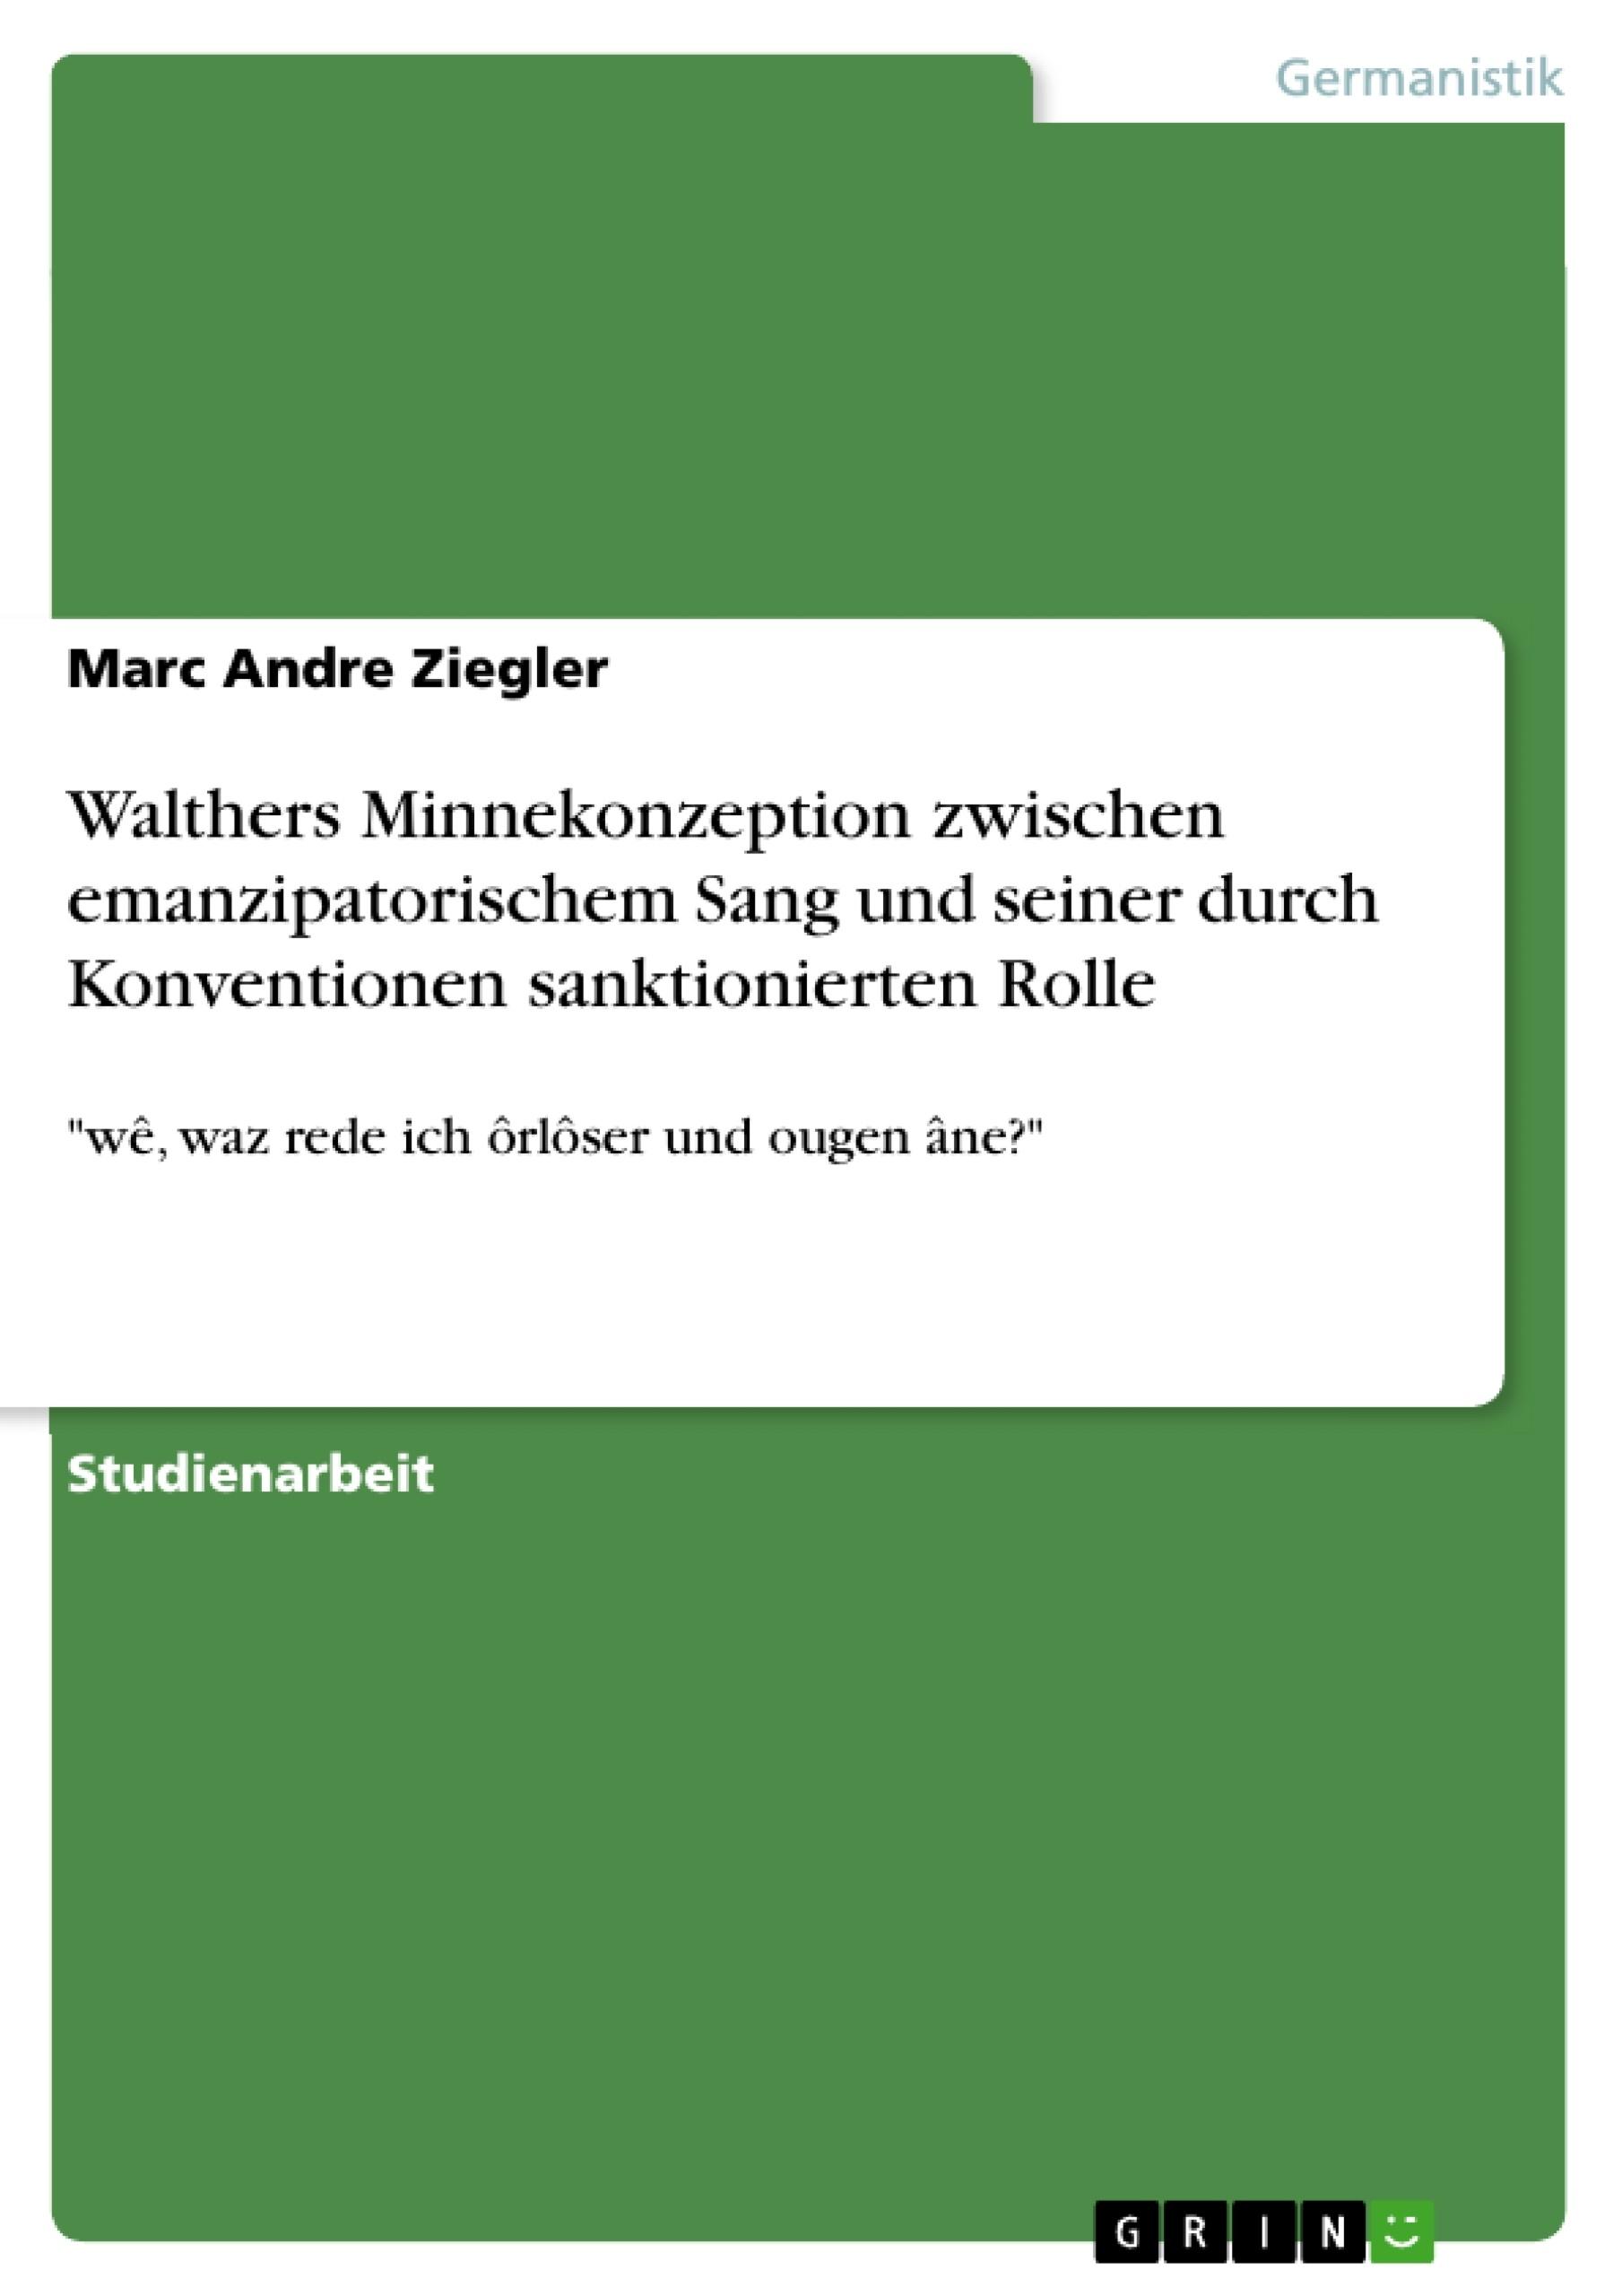 Titel: Walthers Minnekonzeption zwischen  emanzipatorischem Sang und seiner durch Konventionen sanktionierten Rolle